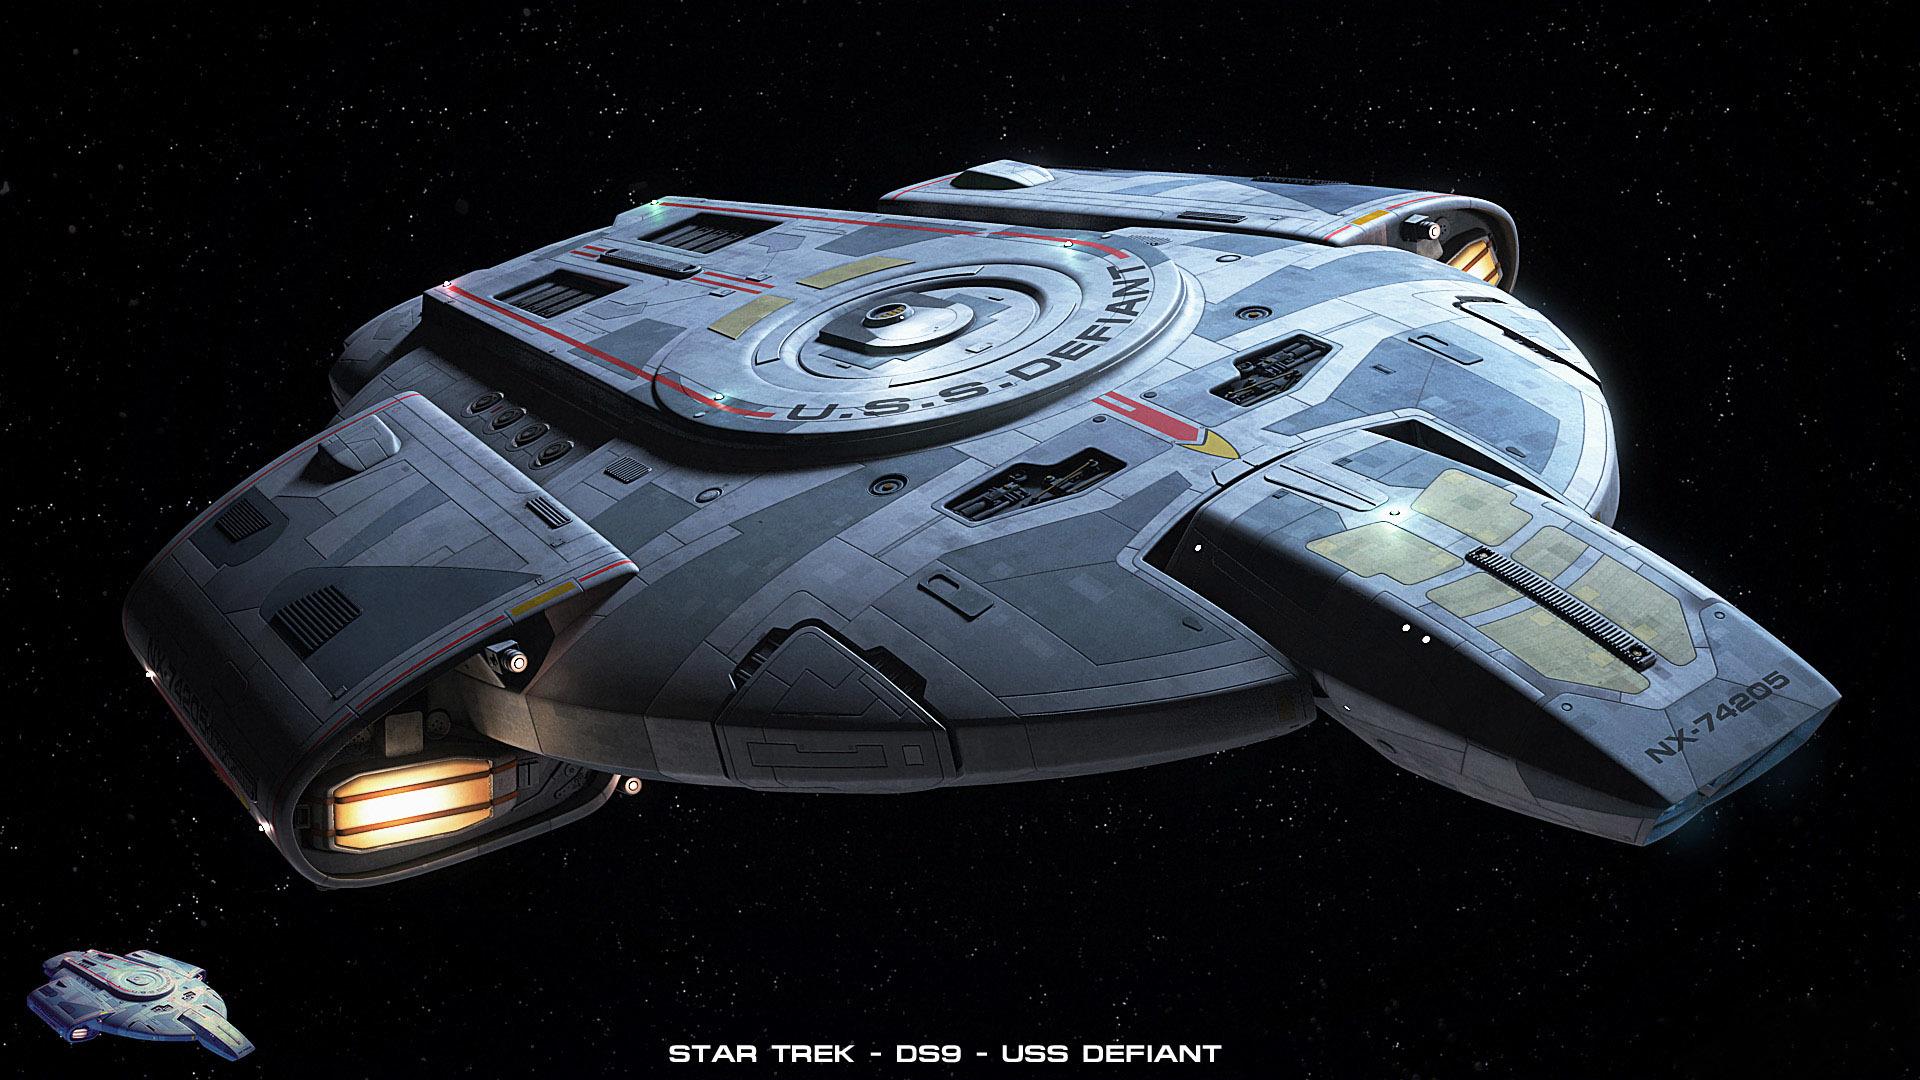 Star Trek Wallpaper   HD Wallpaper Expert 1920x1080